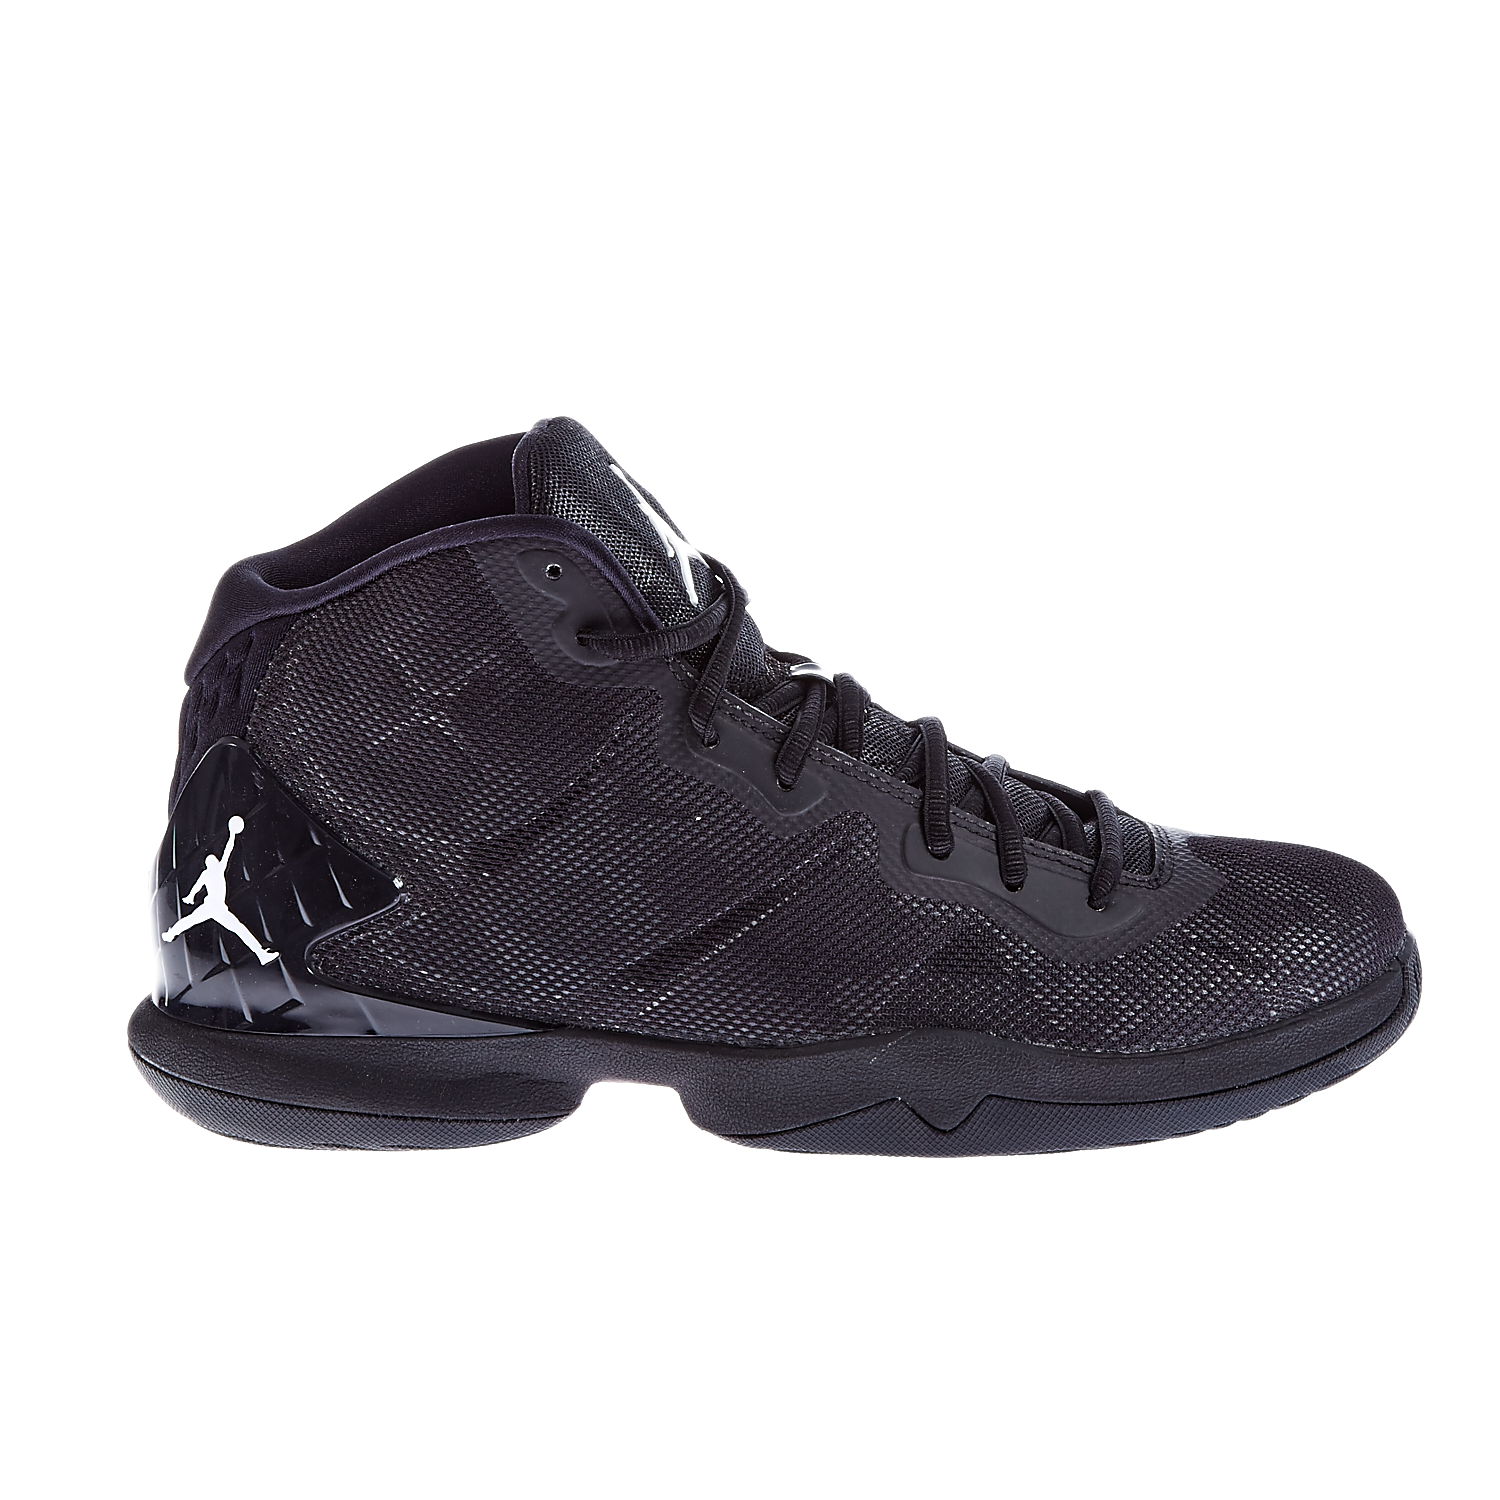 NIKE - Ανδρικά παπούτσια Nike JORDAN SUPER.FLY 4 μαύρα 6af2a23e93c